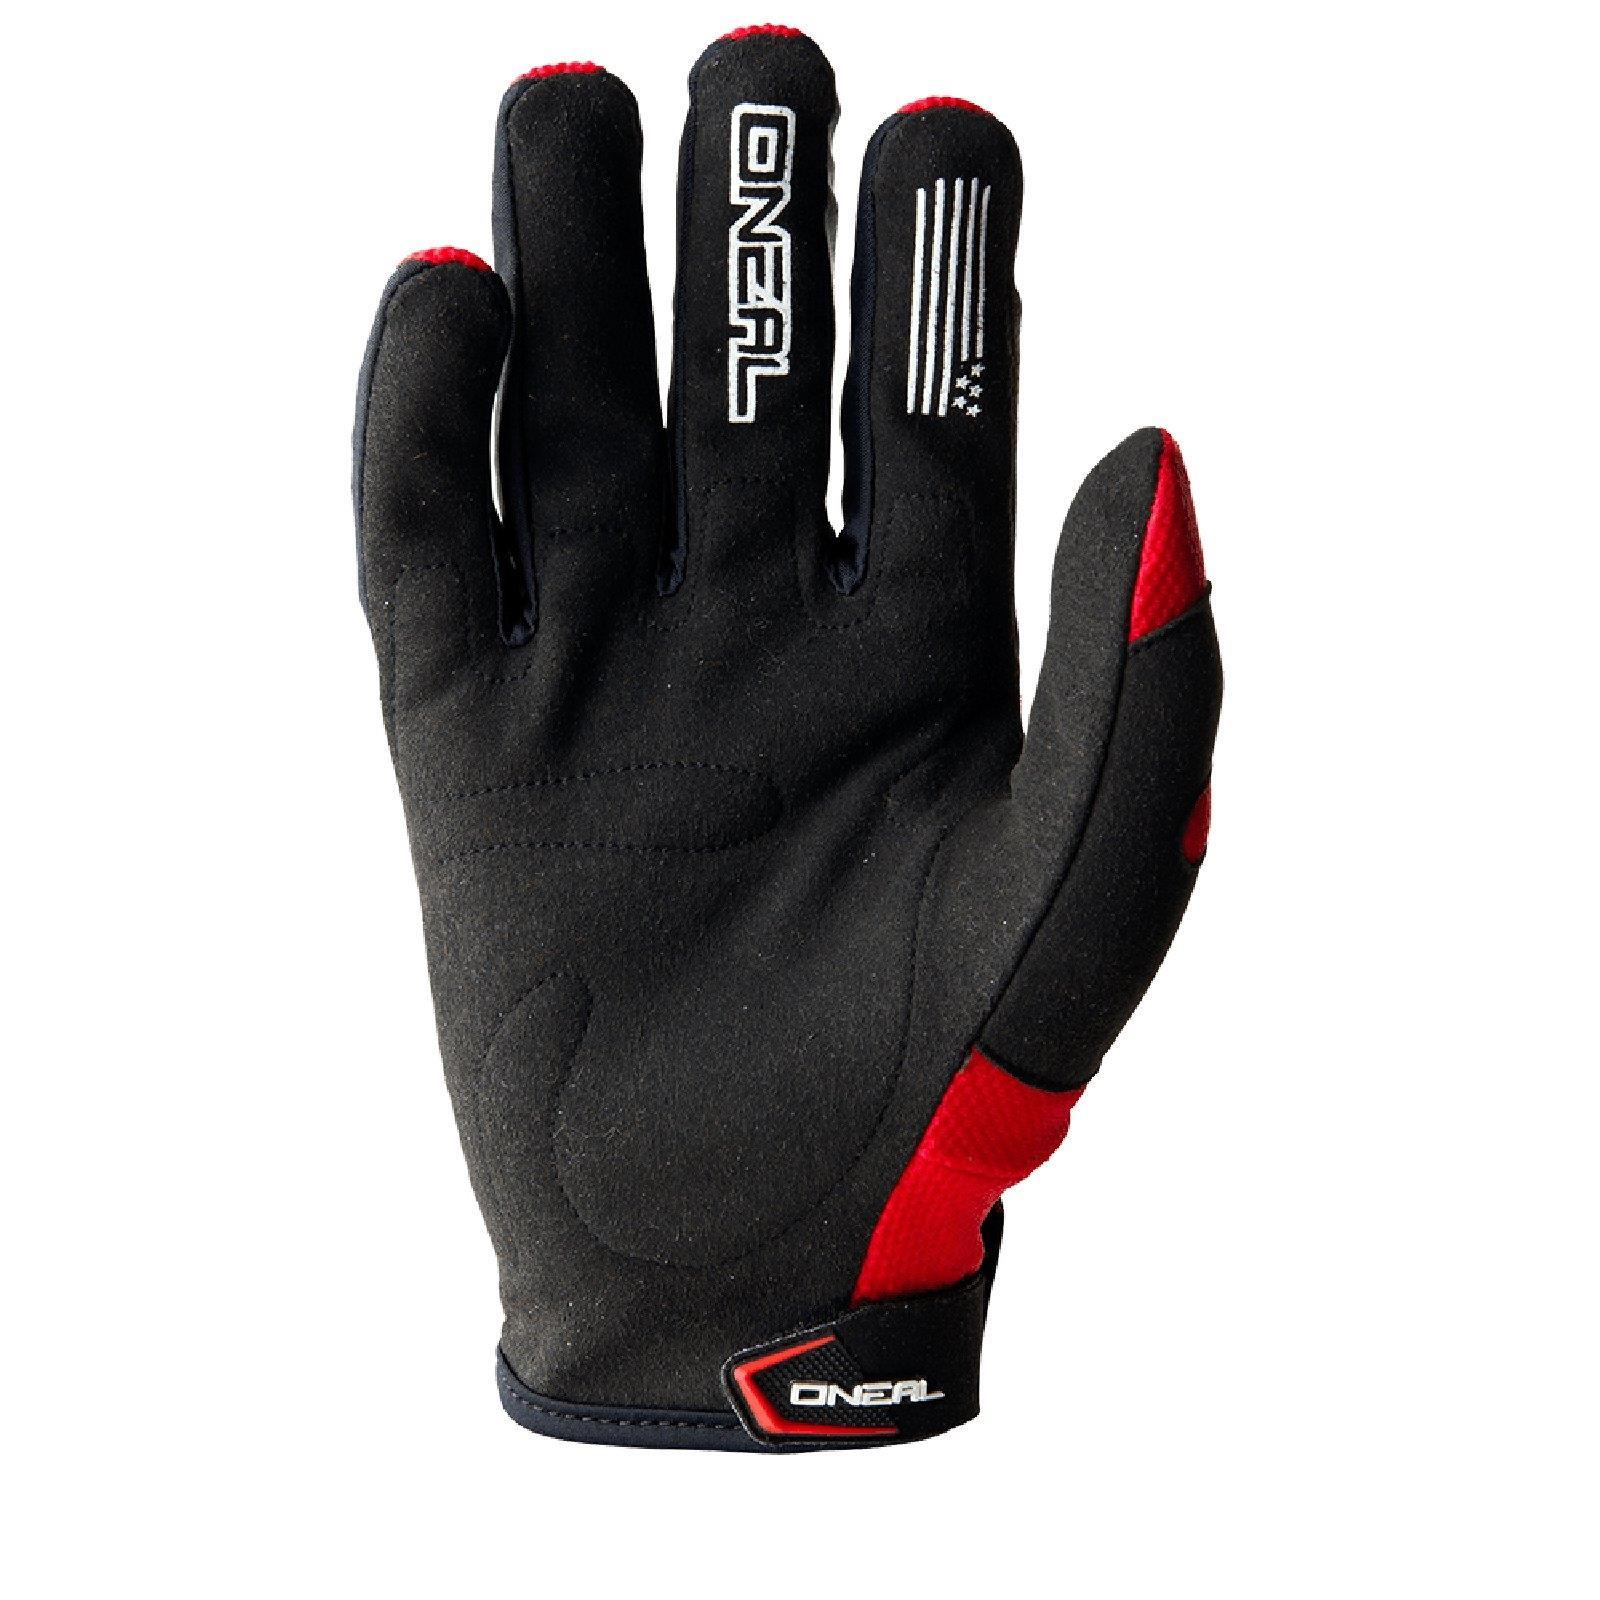 Oneal-elemento-MX-guantes-motocross-SX-enduro-Cross-moto-todo-terreno-todoterreno miniatura 7